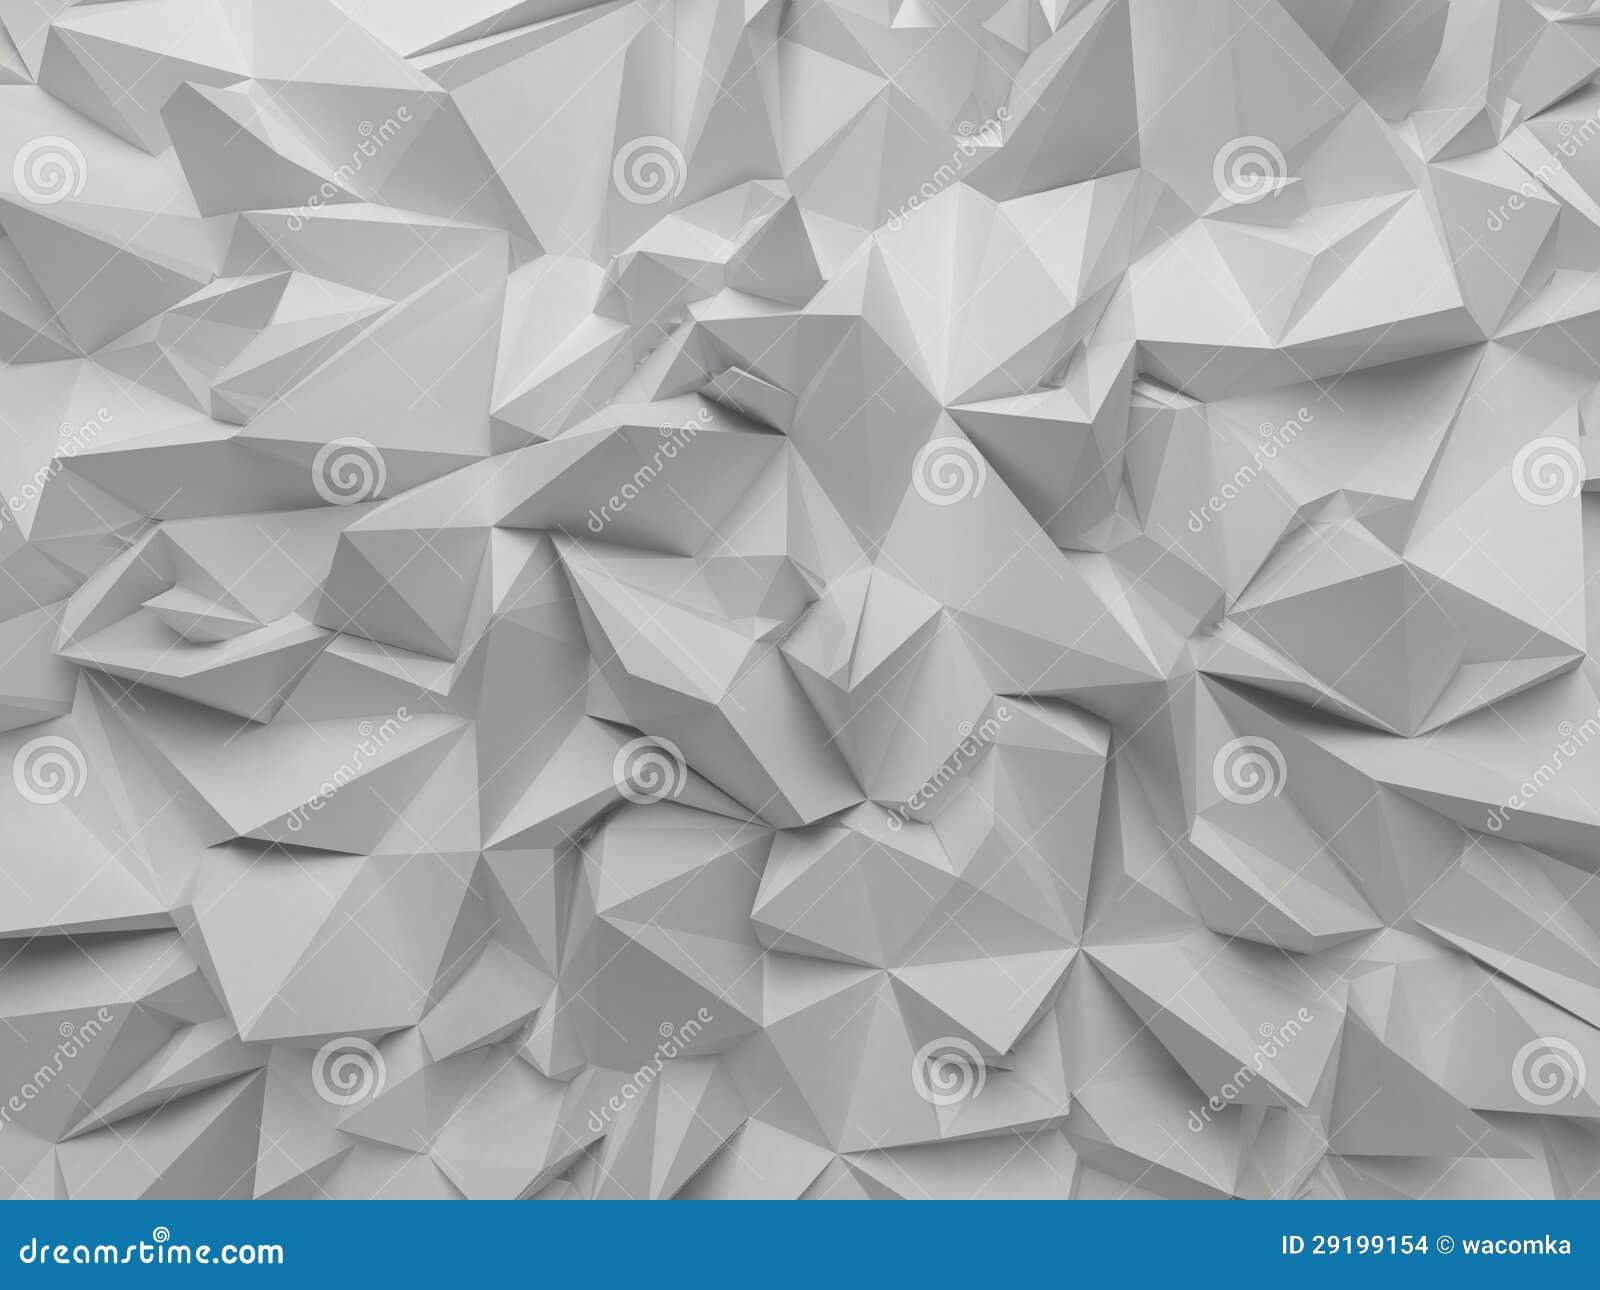 抽象白色3d雕琢平面的背景